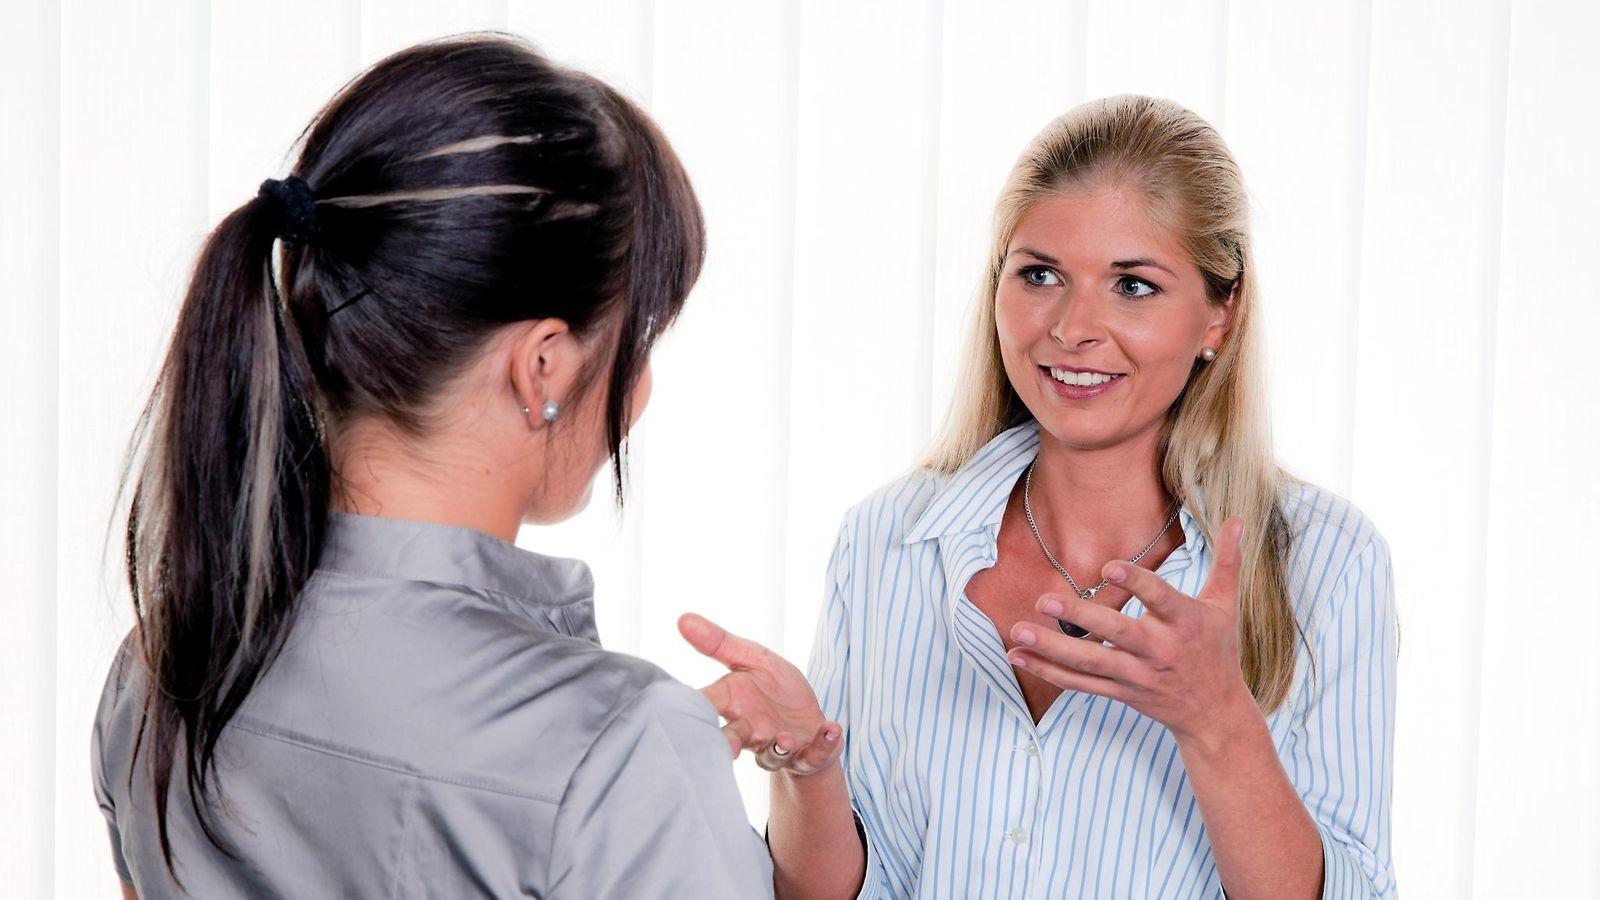 vanhemmat naiset yhteensopivuus testi